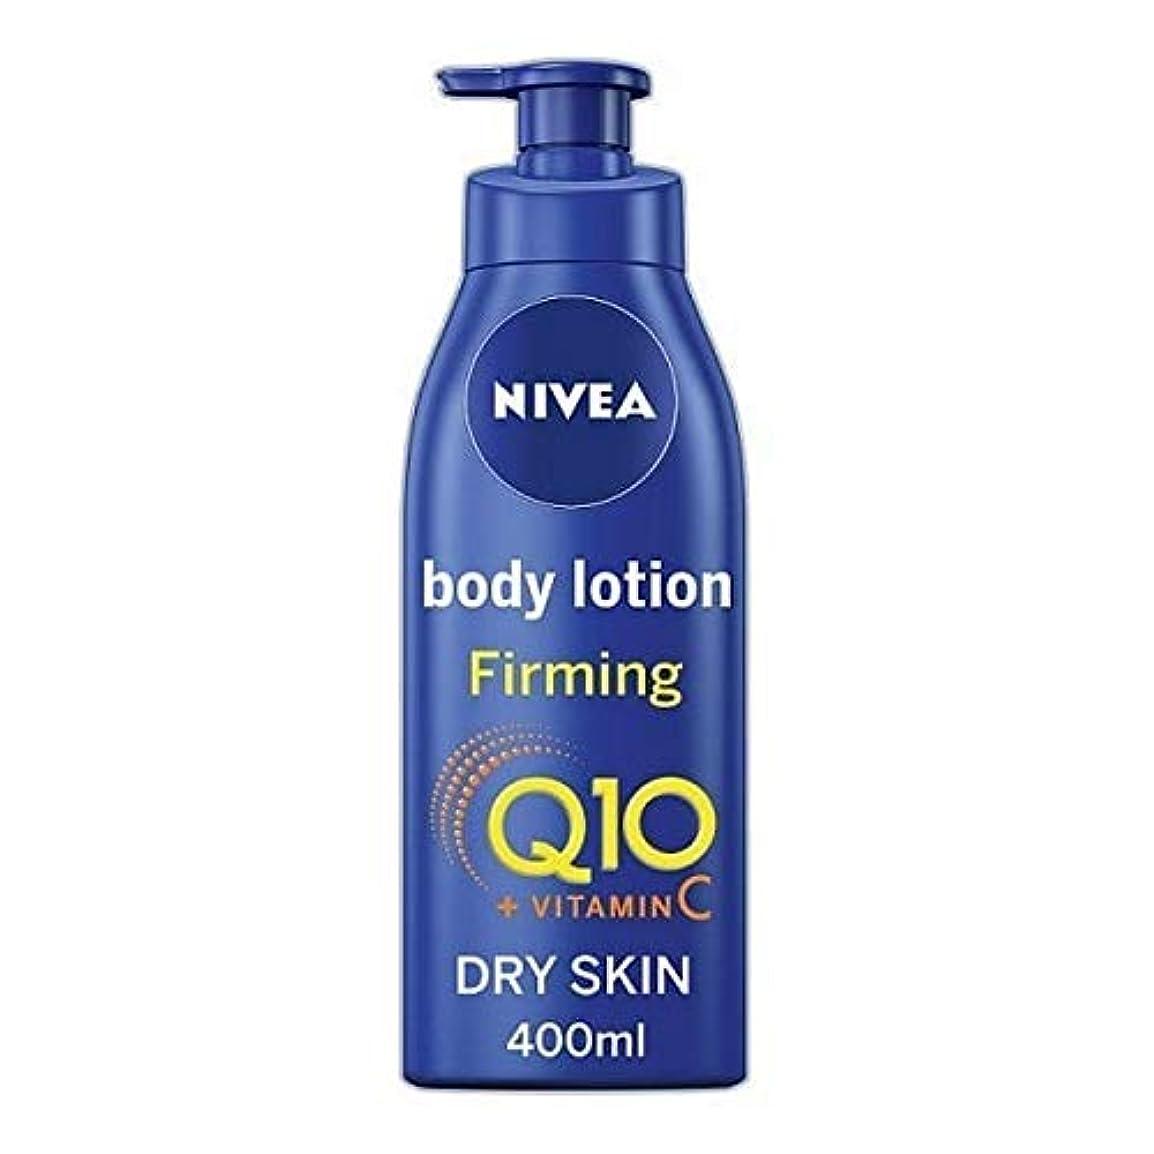 自殺スカーフ子供っぽい[Nivea ] 乾燥肌、400ミリリットルのためのニベアQ10ビタミンCファーミングボディローション - NIVEA Q10 Vitamin C Firming Body Lotion for Dry Skin, 400ml...